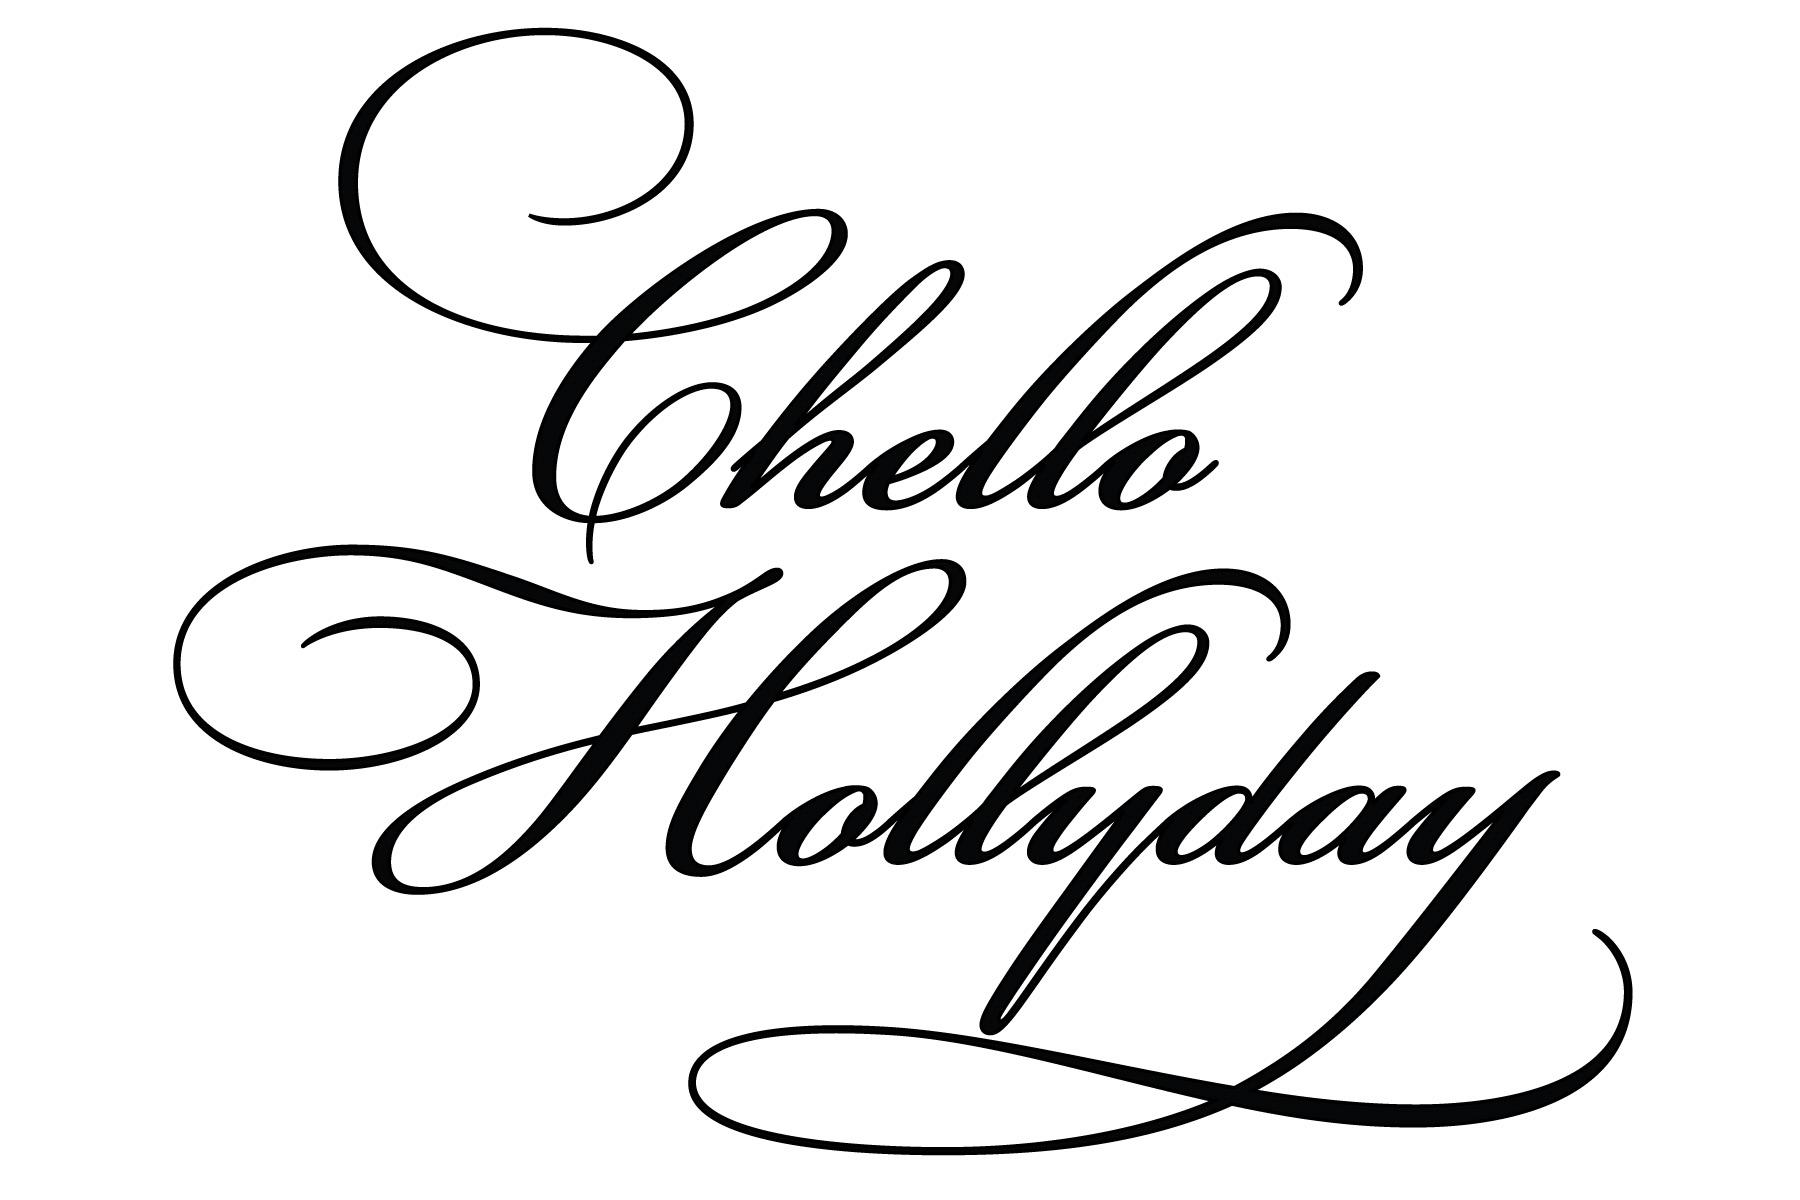 Chello Hollyday